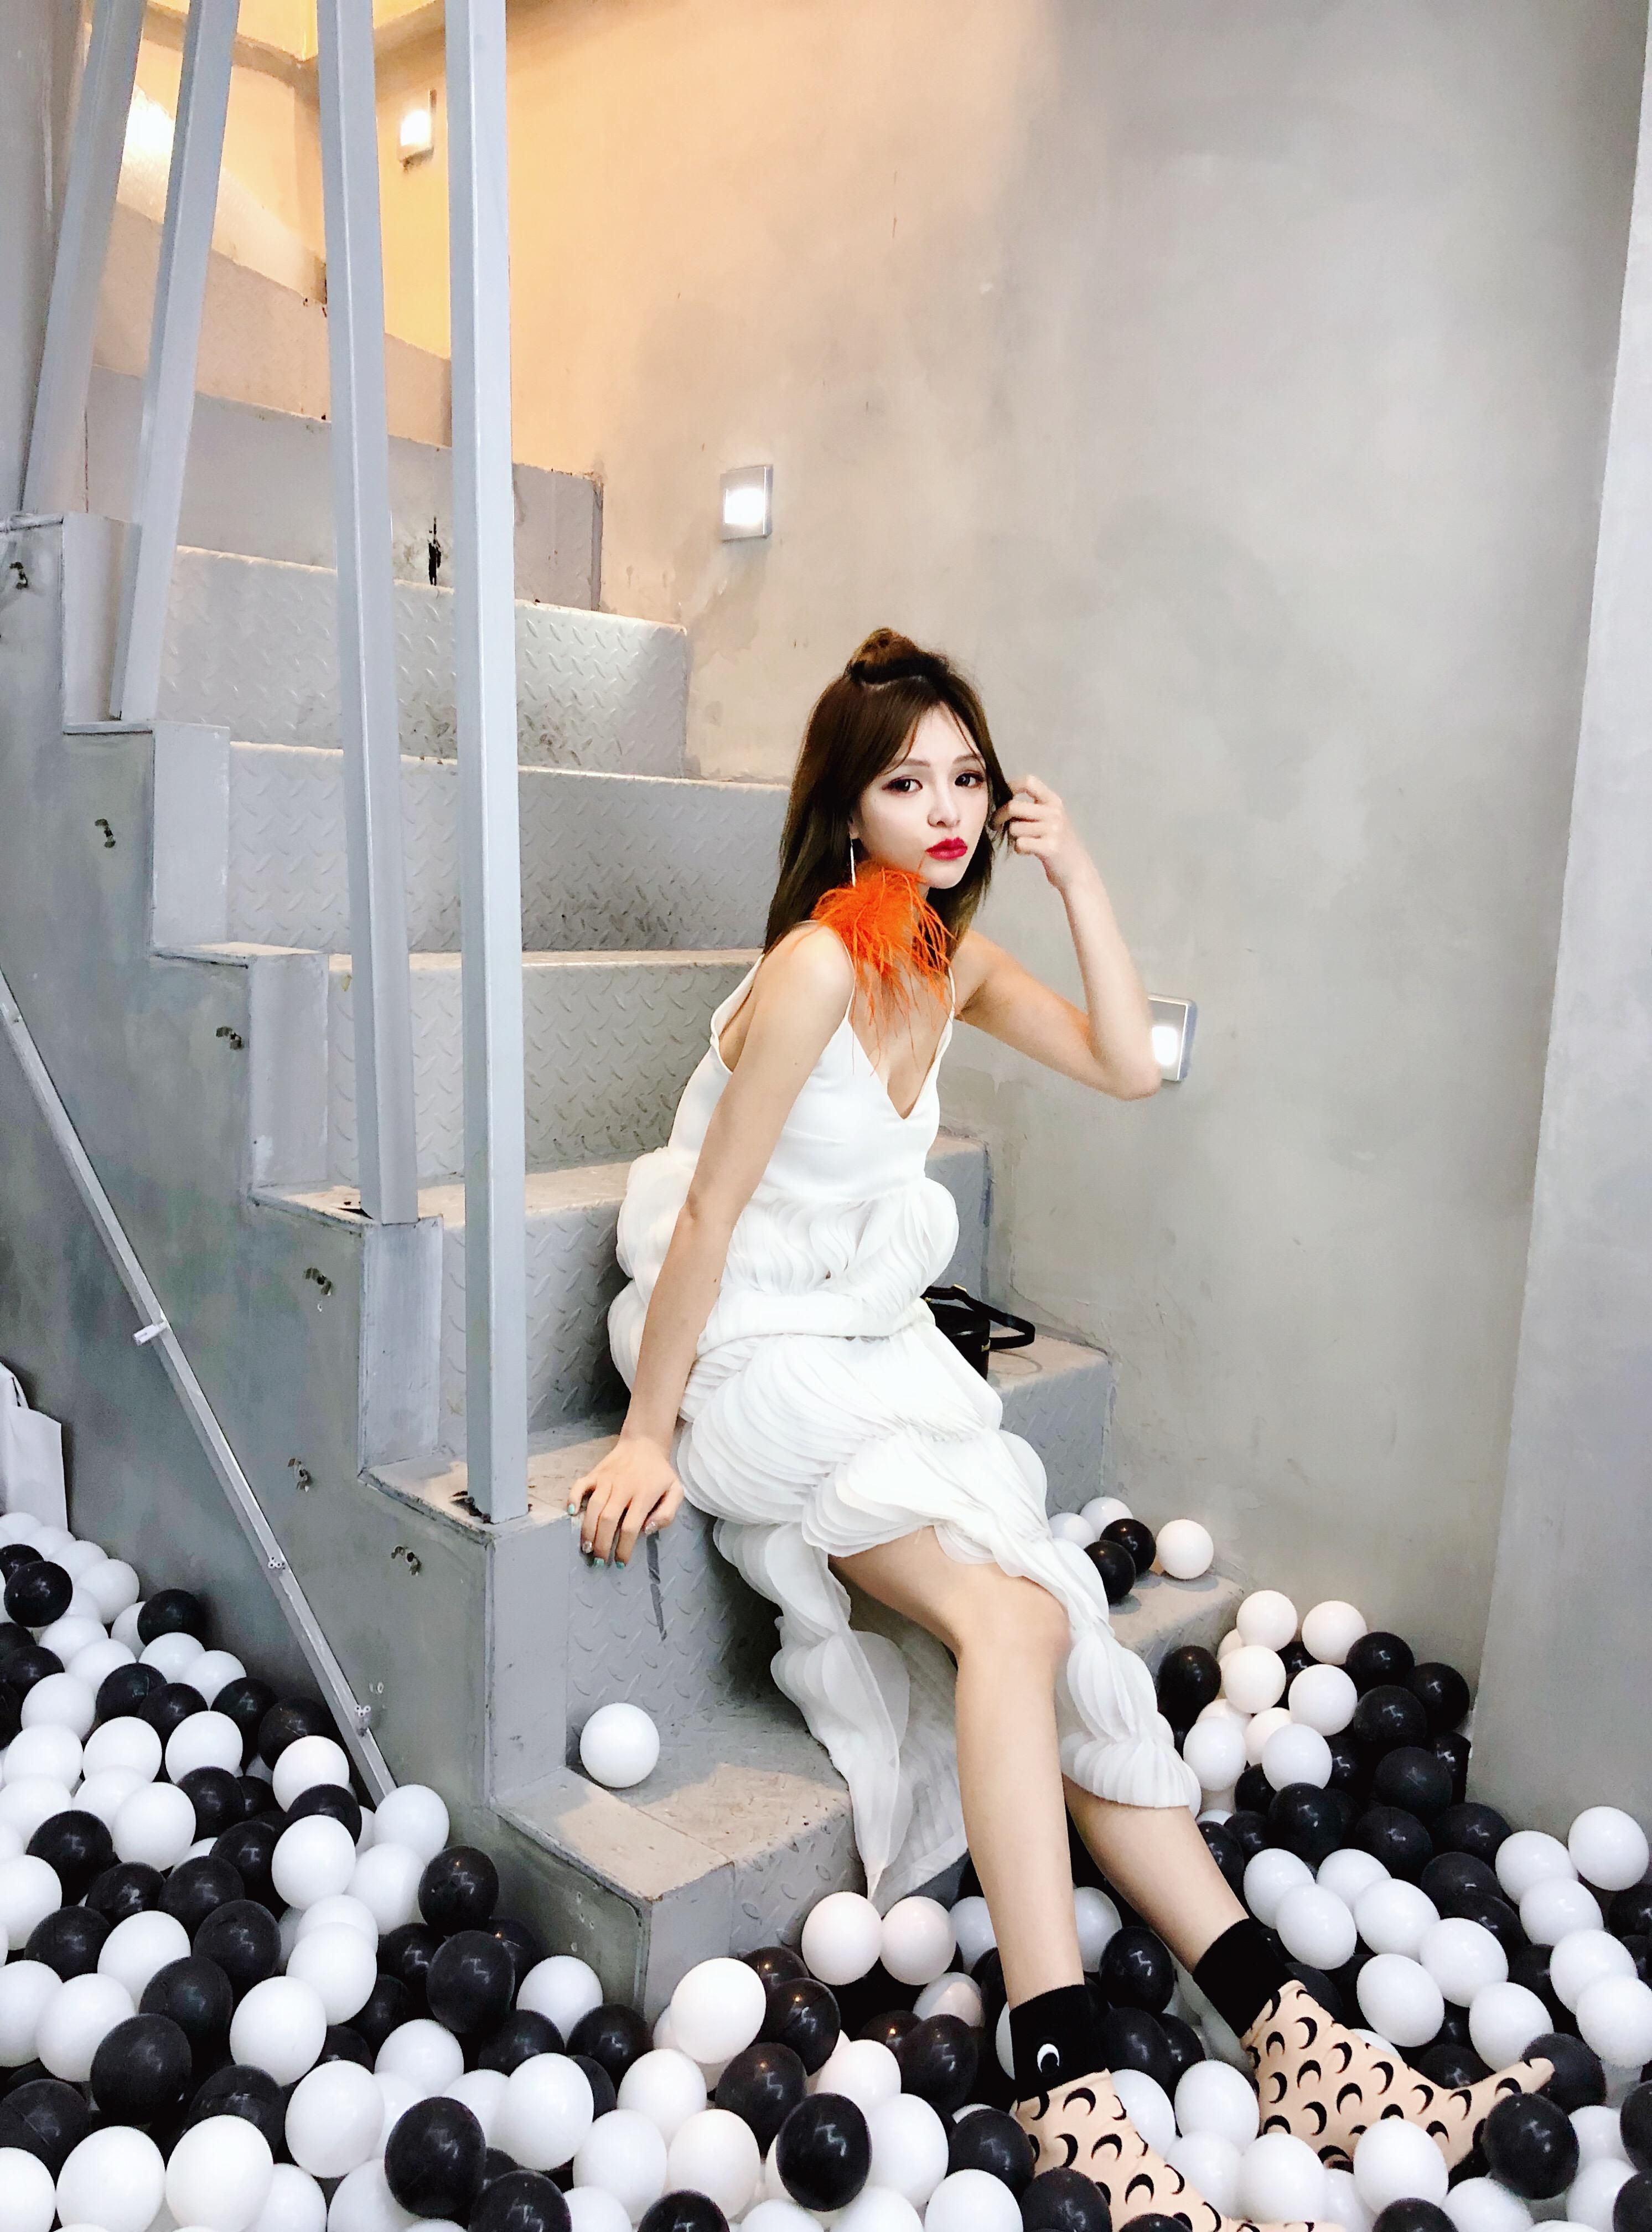 GOSWEET 夏季新款白色立体花瓣裙无袖吊带长款连衣裙女V领灯笼裙